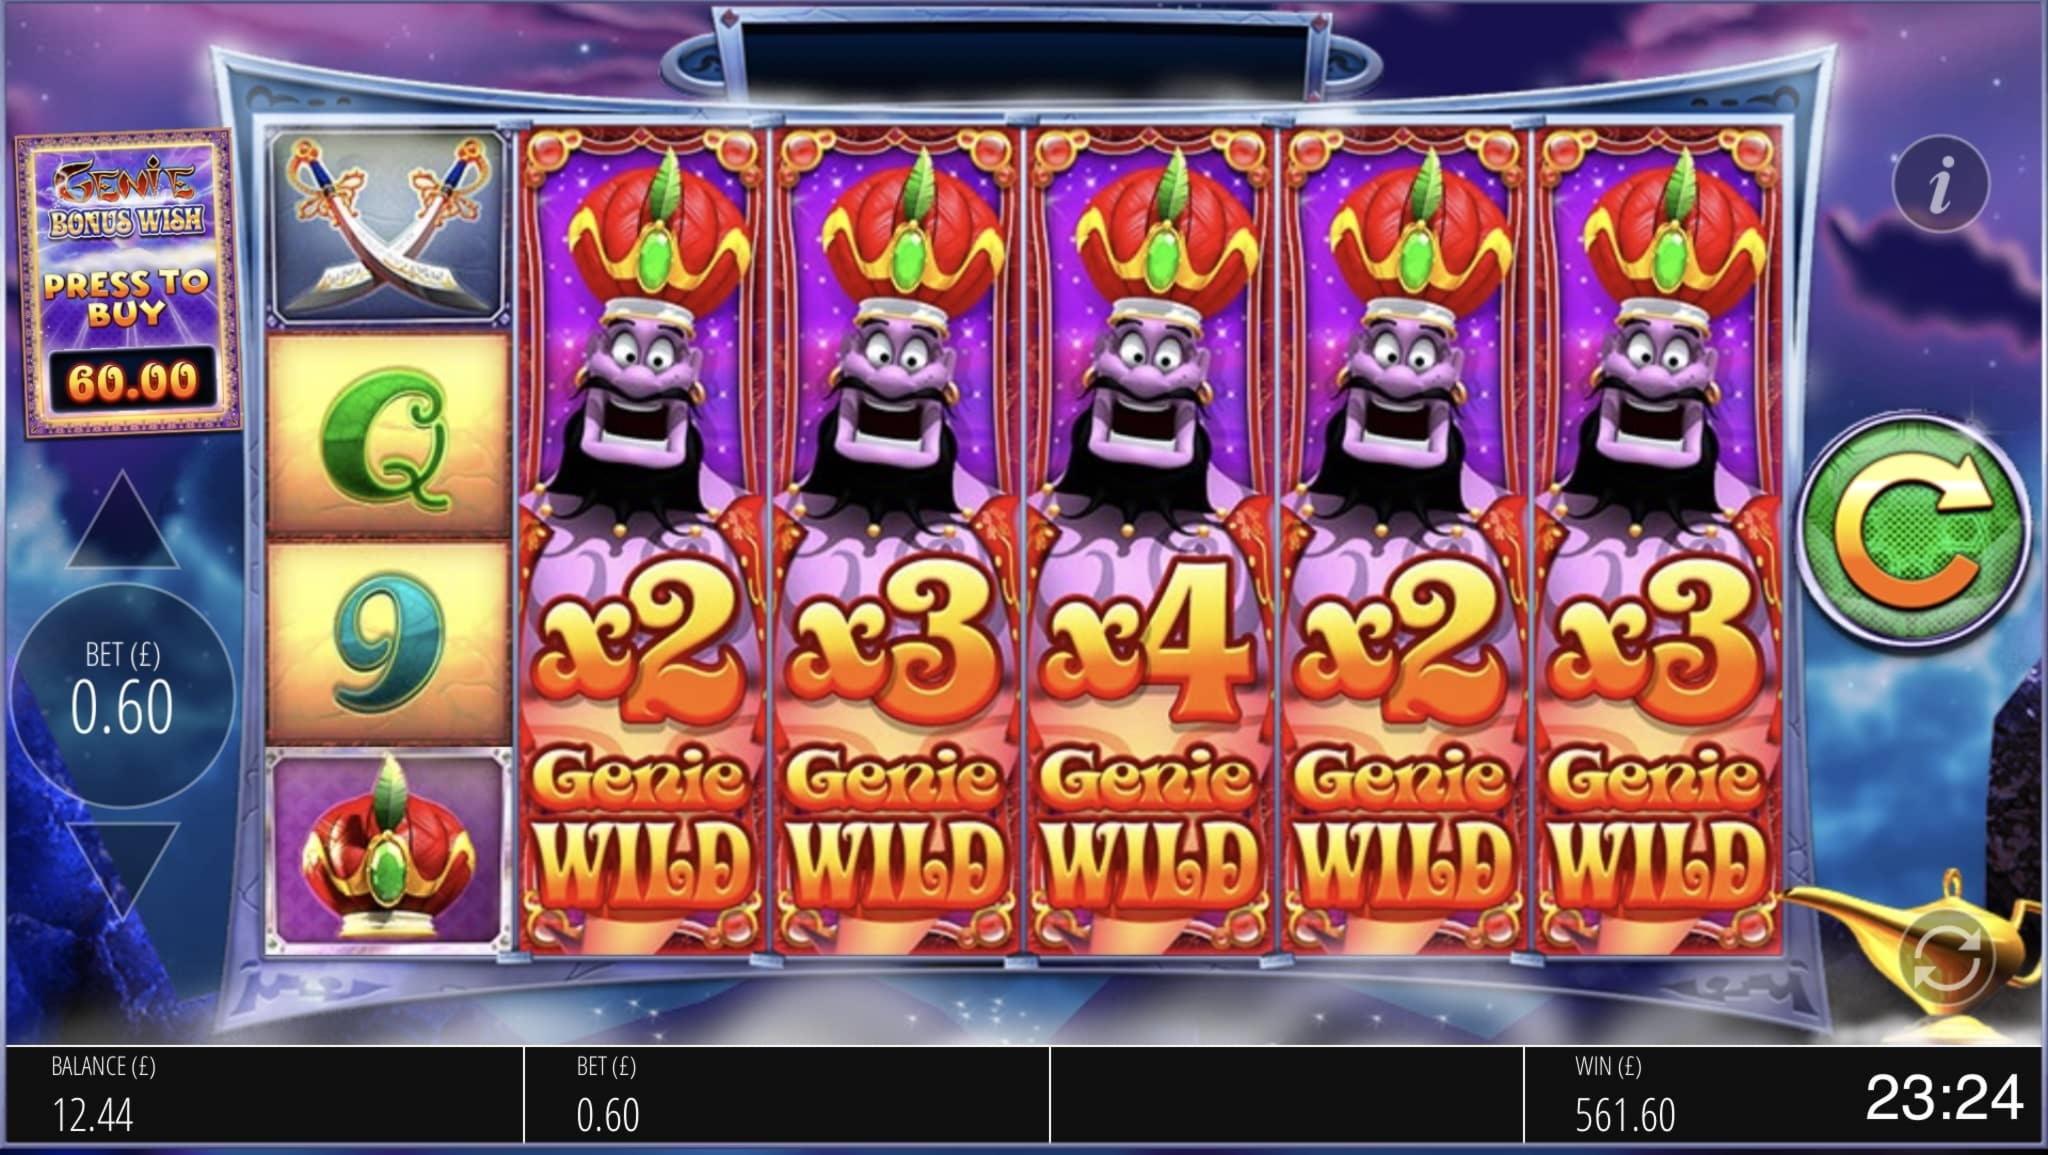 ԵՎՐՈ 65 ԱՆՎՃԱՐ ԽՈՇՈՐ CASINO- ը Box 24 Casino- ում